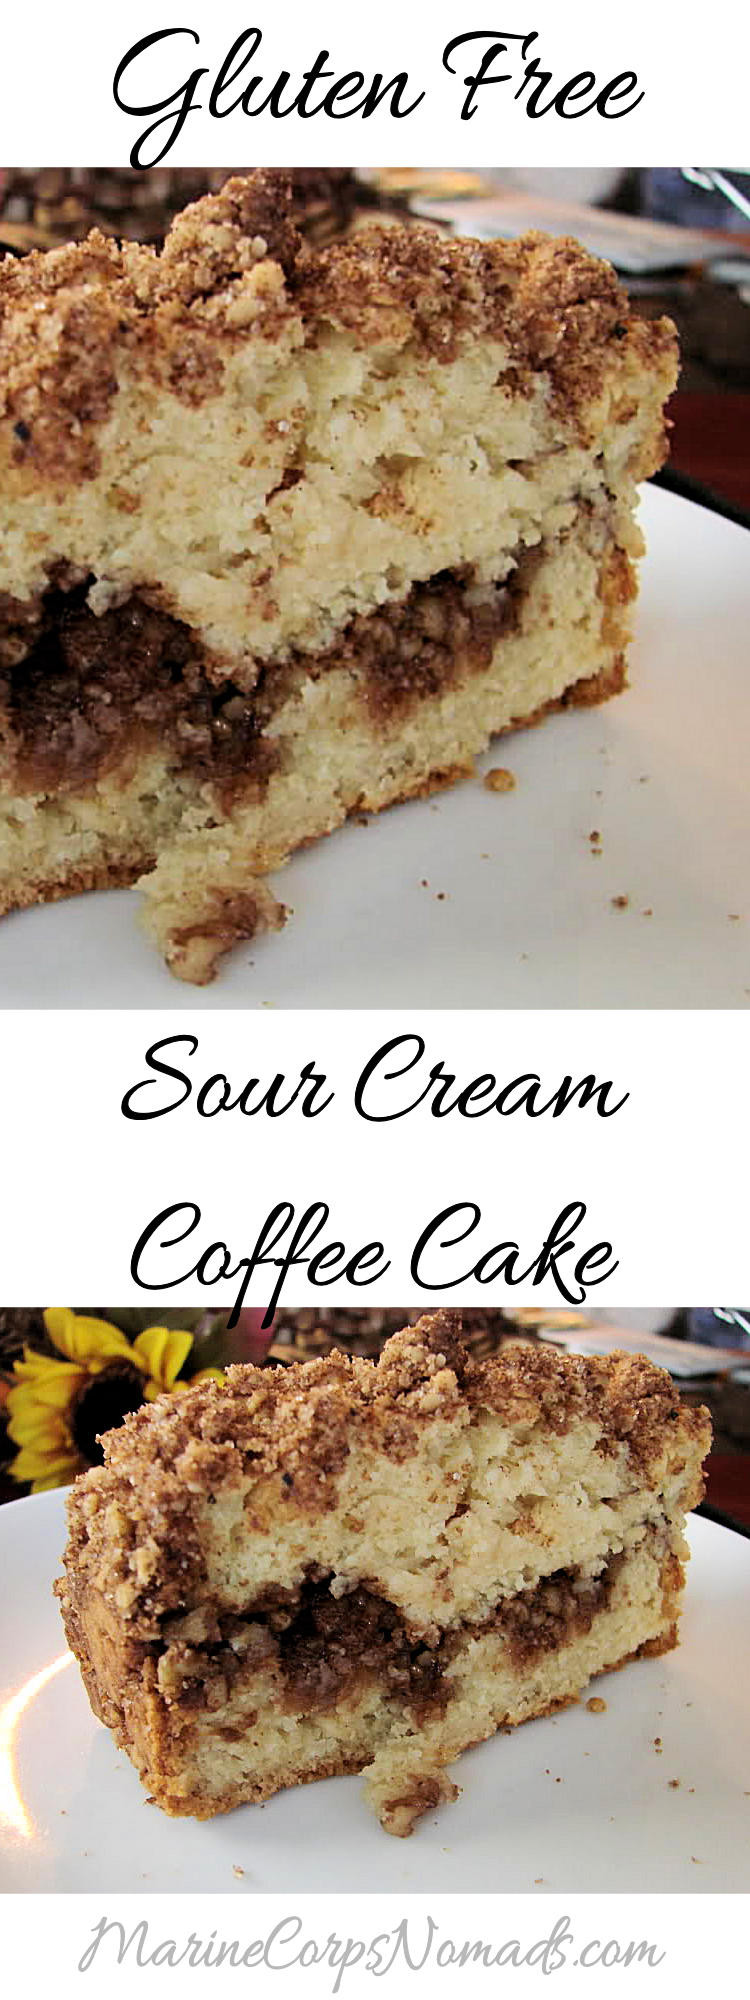 Gluten Free Sour Cream Coffee Cake  Gluten Free Sour Cream Coffee Cake Marine Corps Nomads